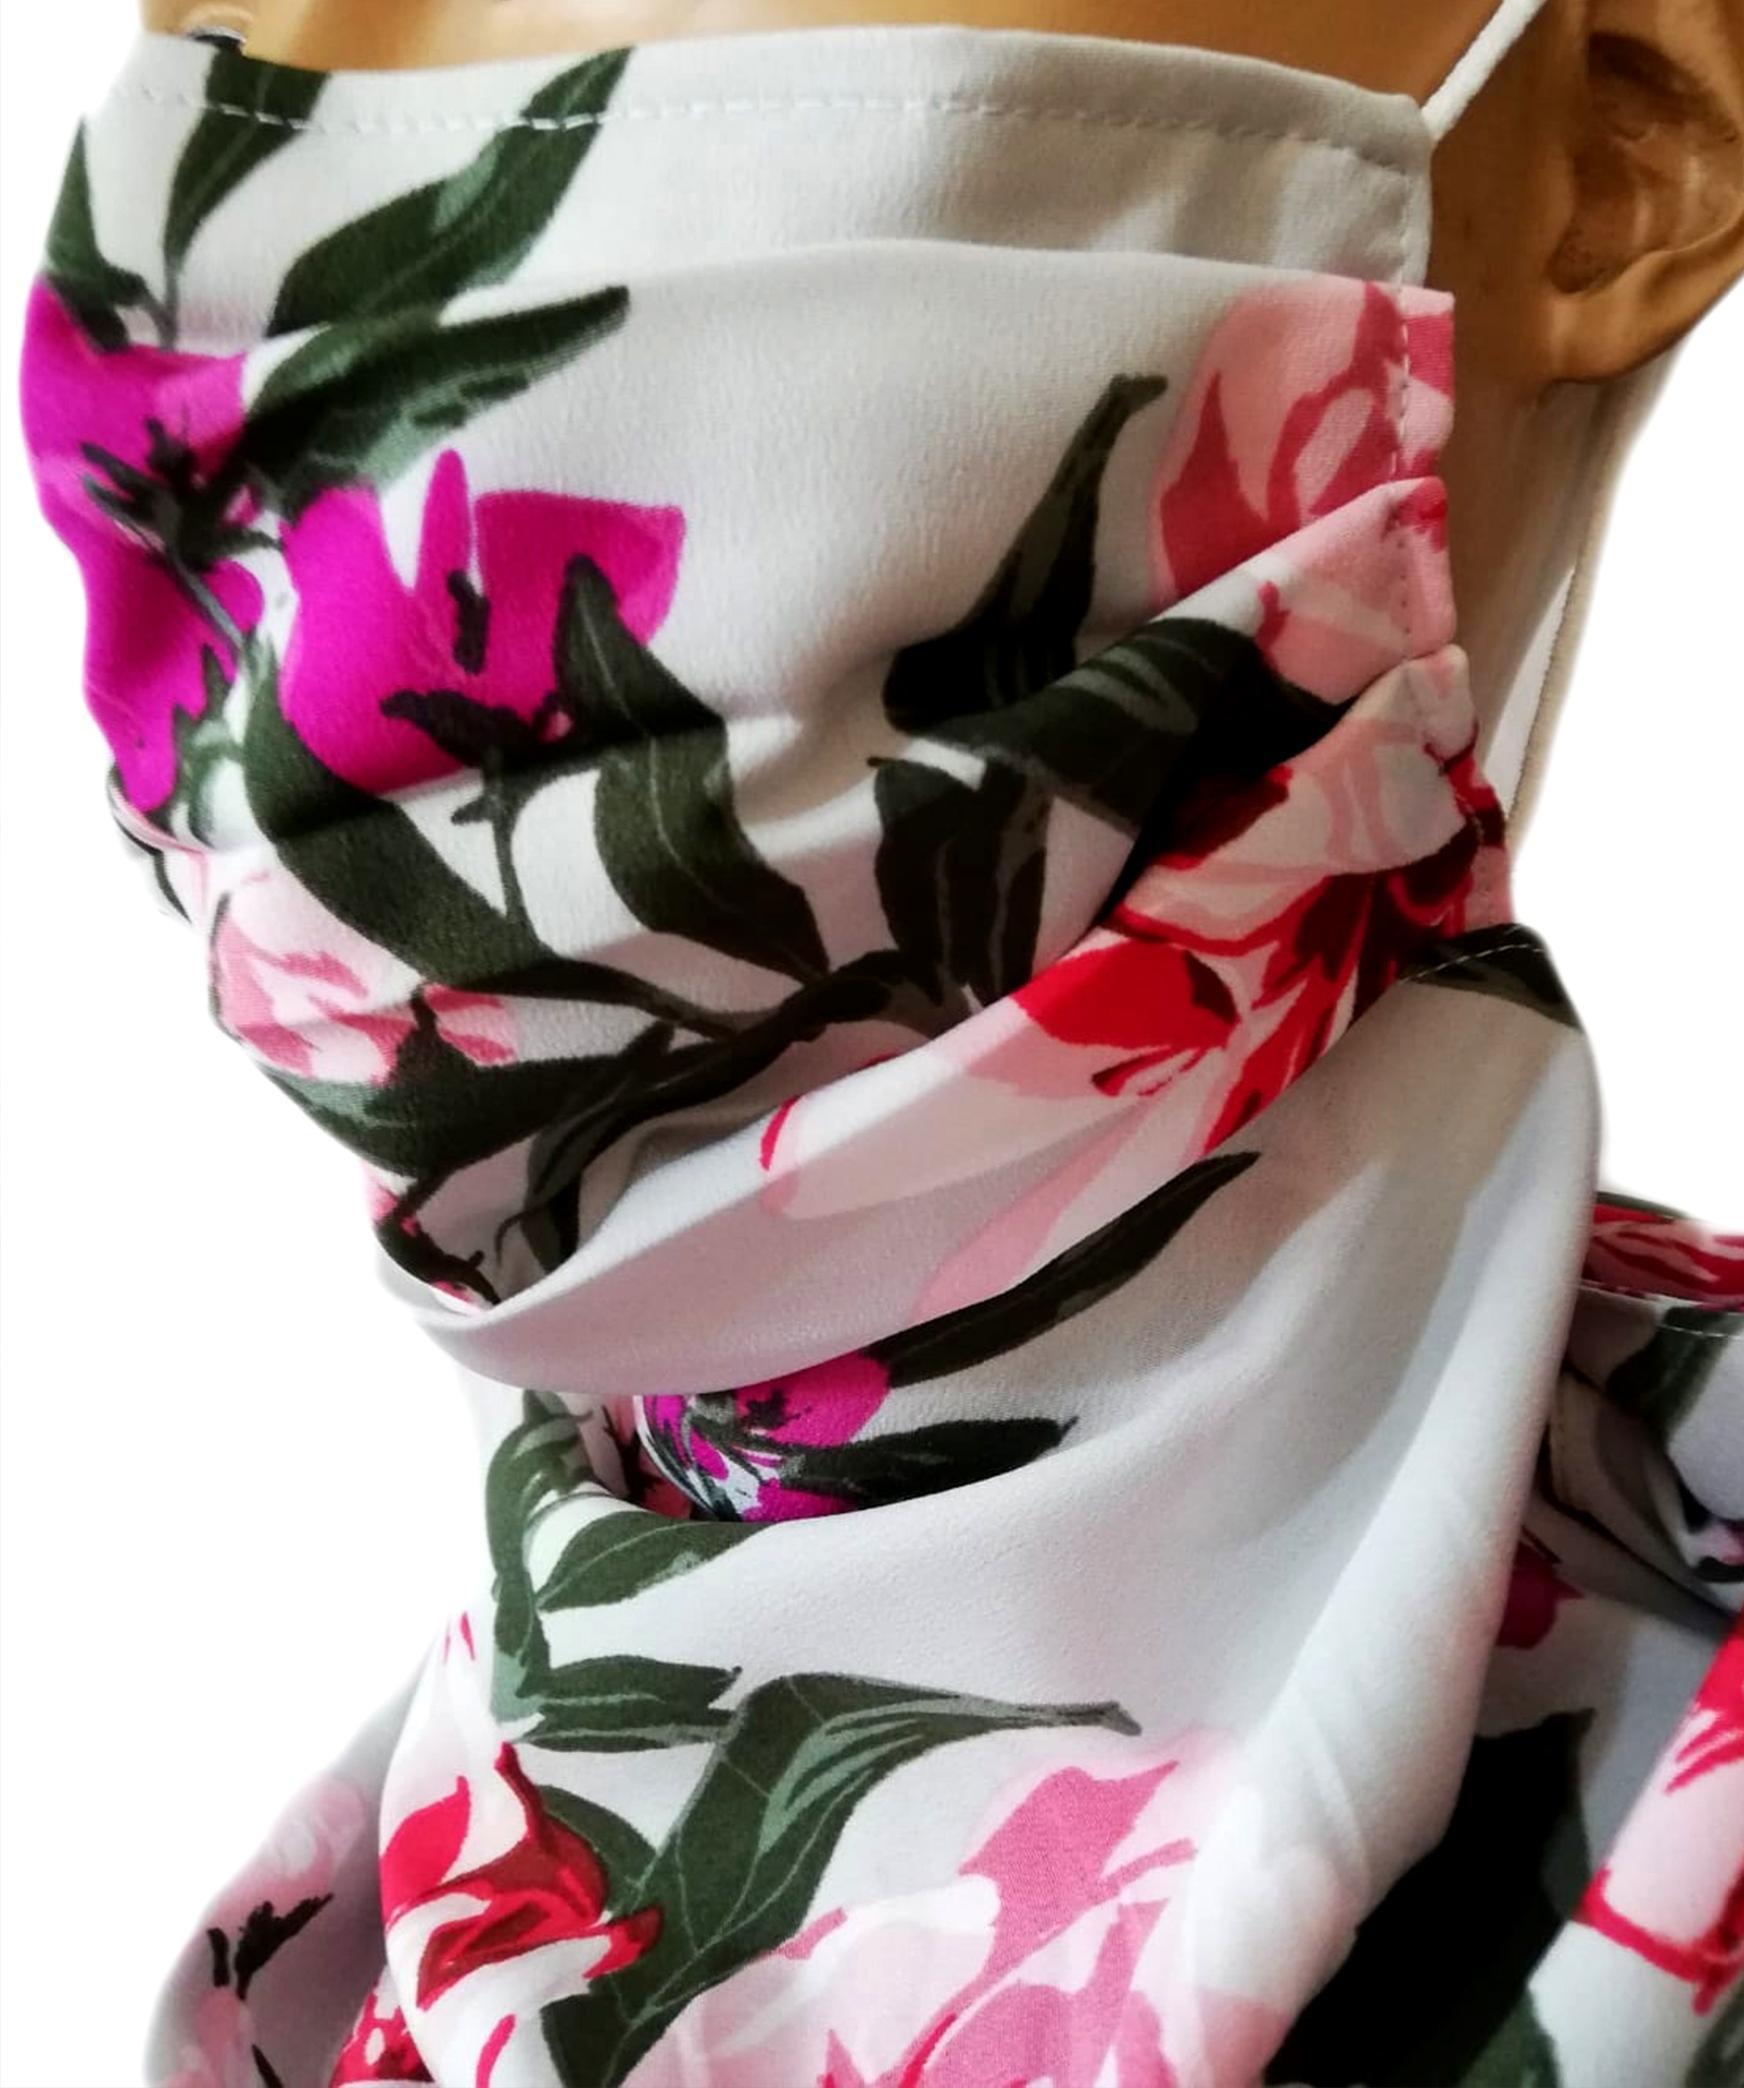 Masca reutilizabila si Esarfa 2in1 imprimeu floral, Masca reutilizabila si Esarfa 2in1 imprimeu floral